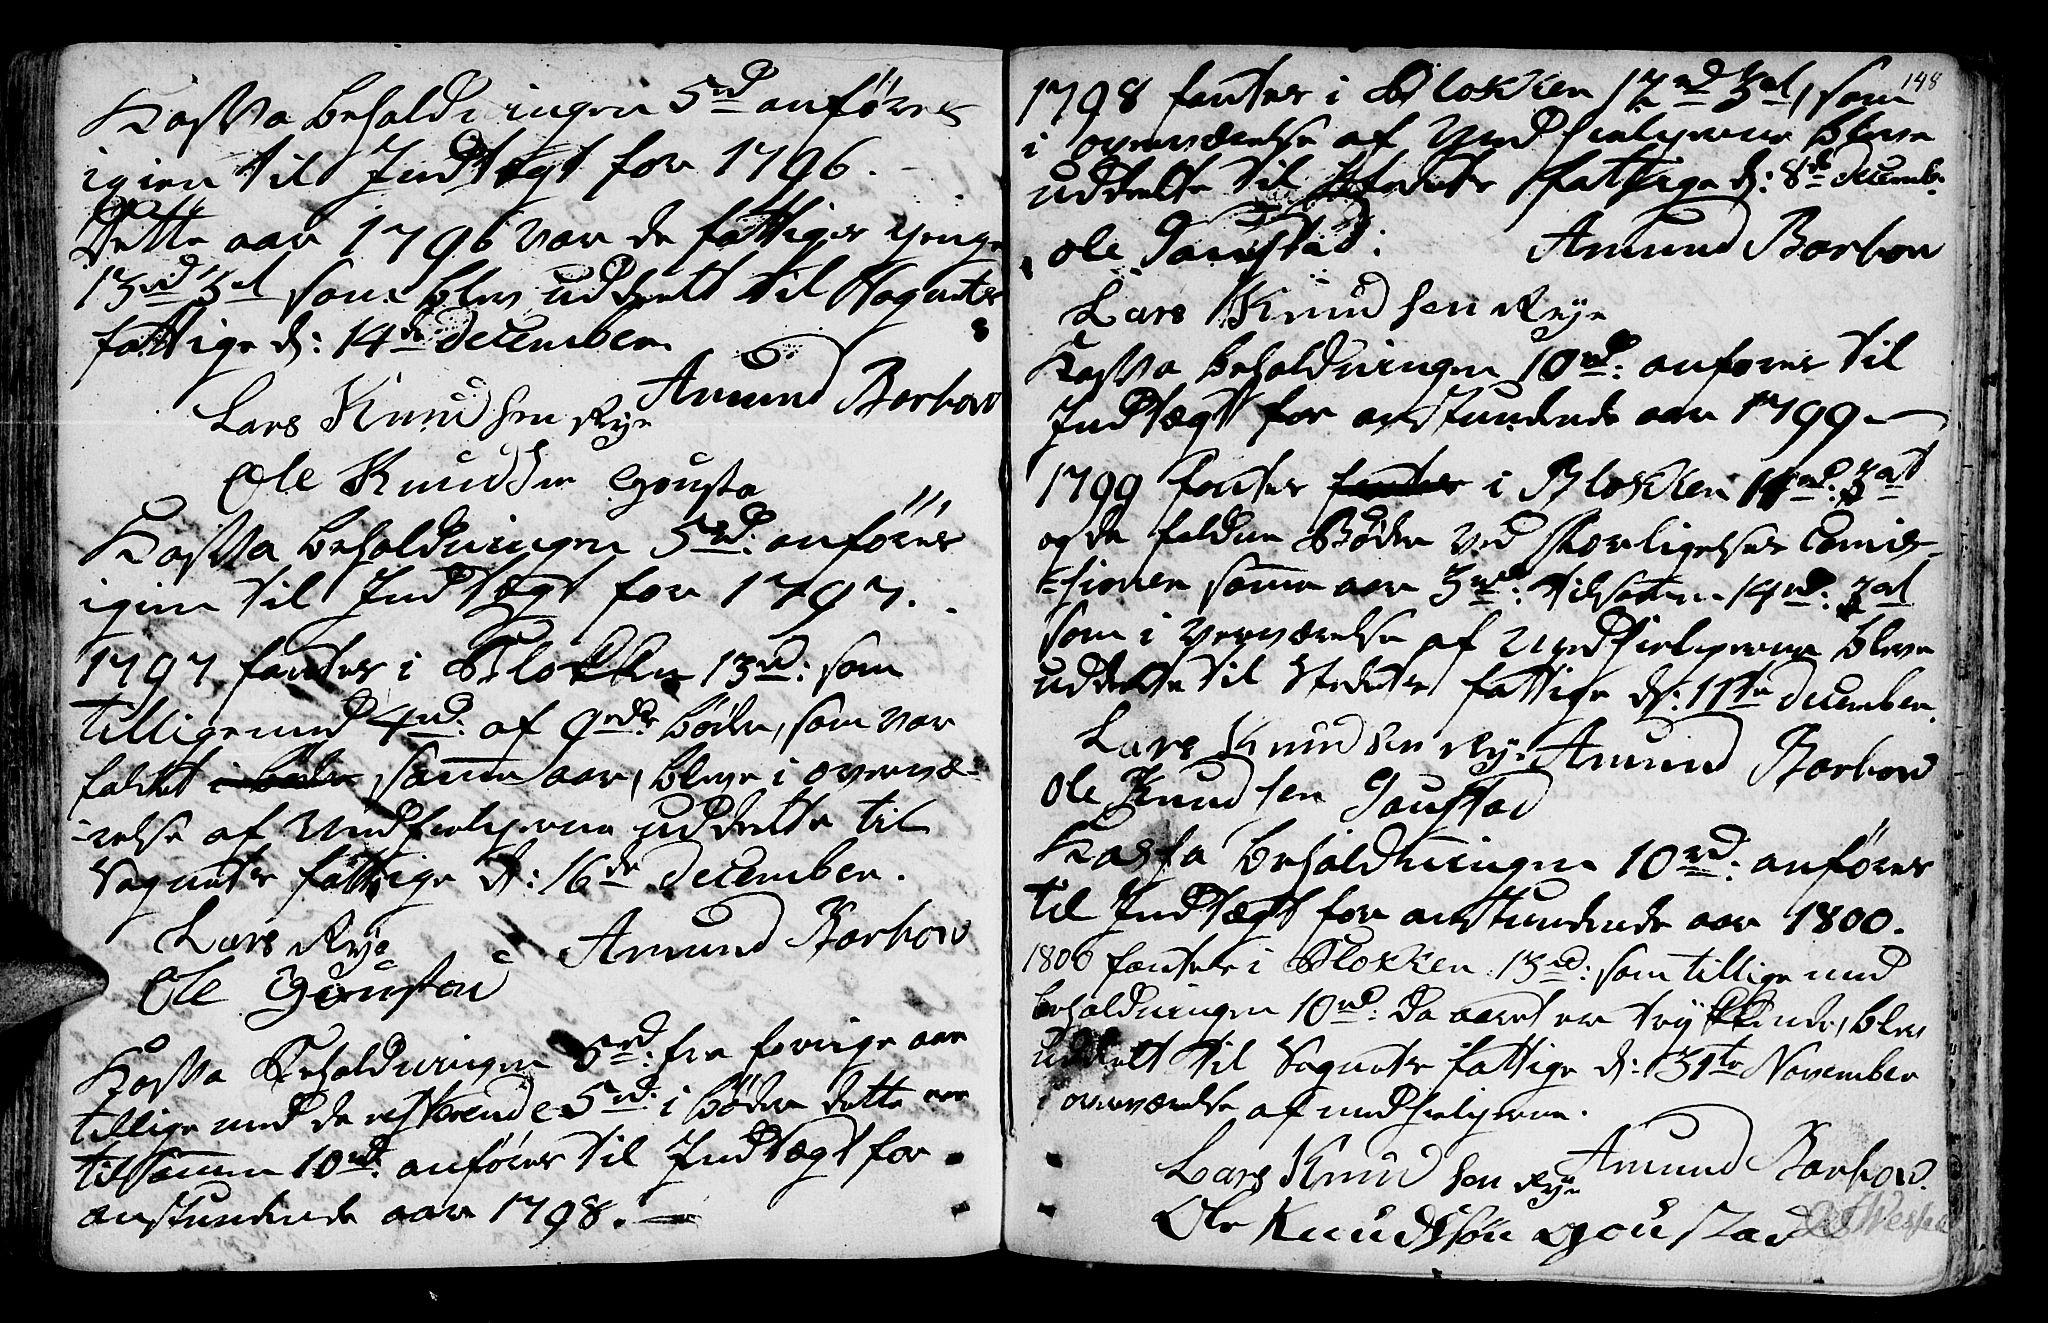 SAT, Ministerialprotokoller, klokkerbøker og fødselsregistre - Sør-Trøndelag, 612/L0370: Ministerialbok nr. 612A04, 1754-1802, s. 148